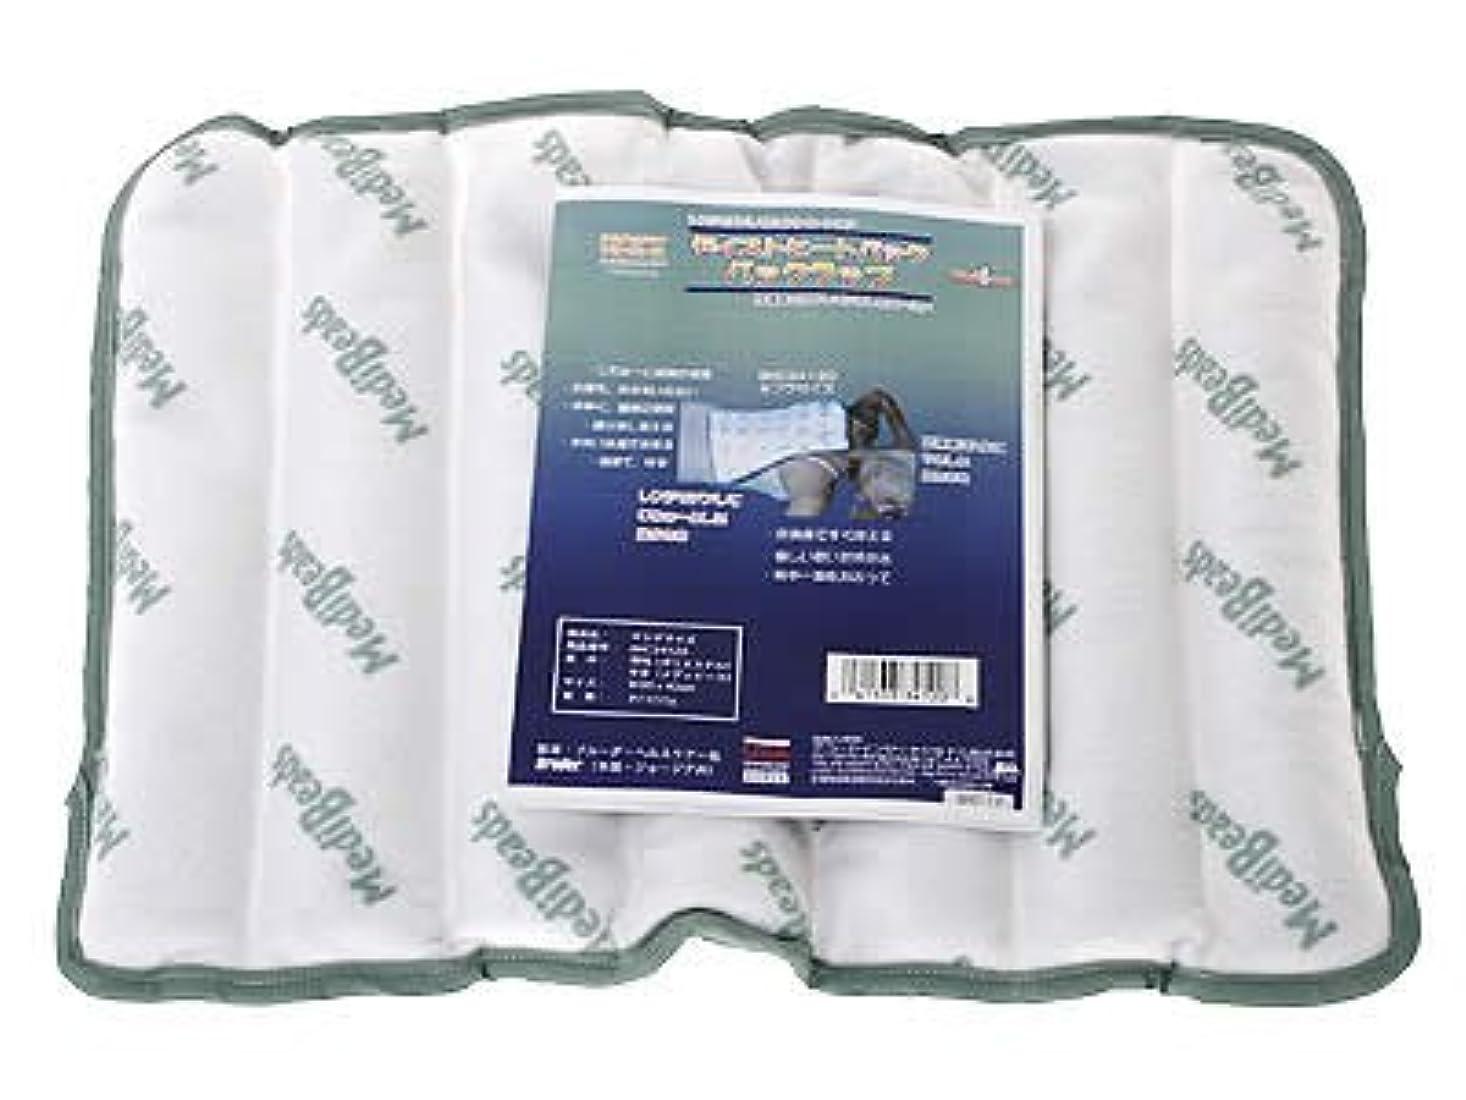 【一般医療機器】アコードインターナショナル (BHC34120) モイストヒートパック メディビーズ (キングサイズ) 30×40cm 温湿熱パック 温熱療法